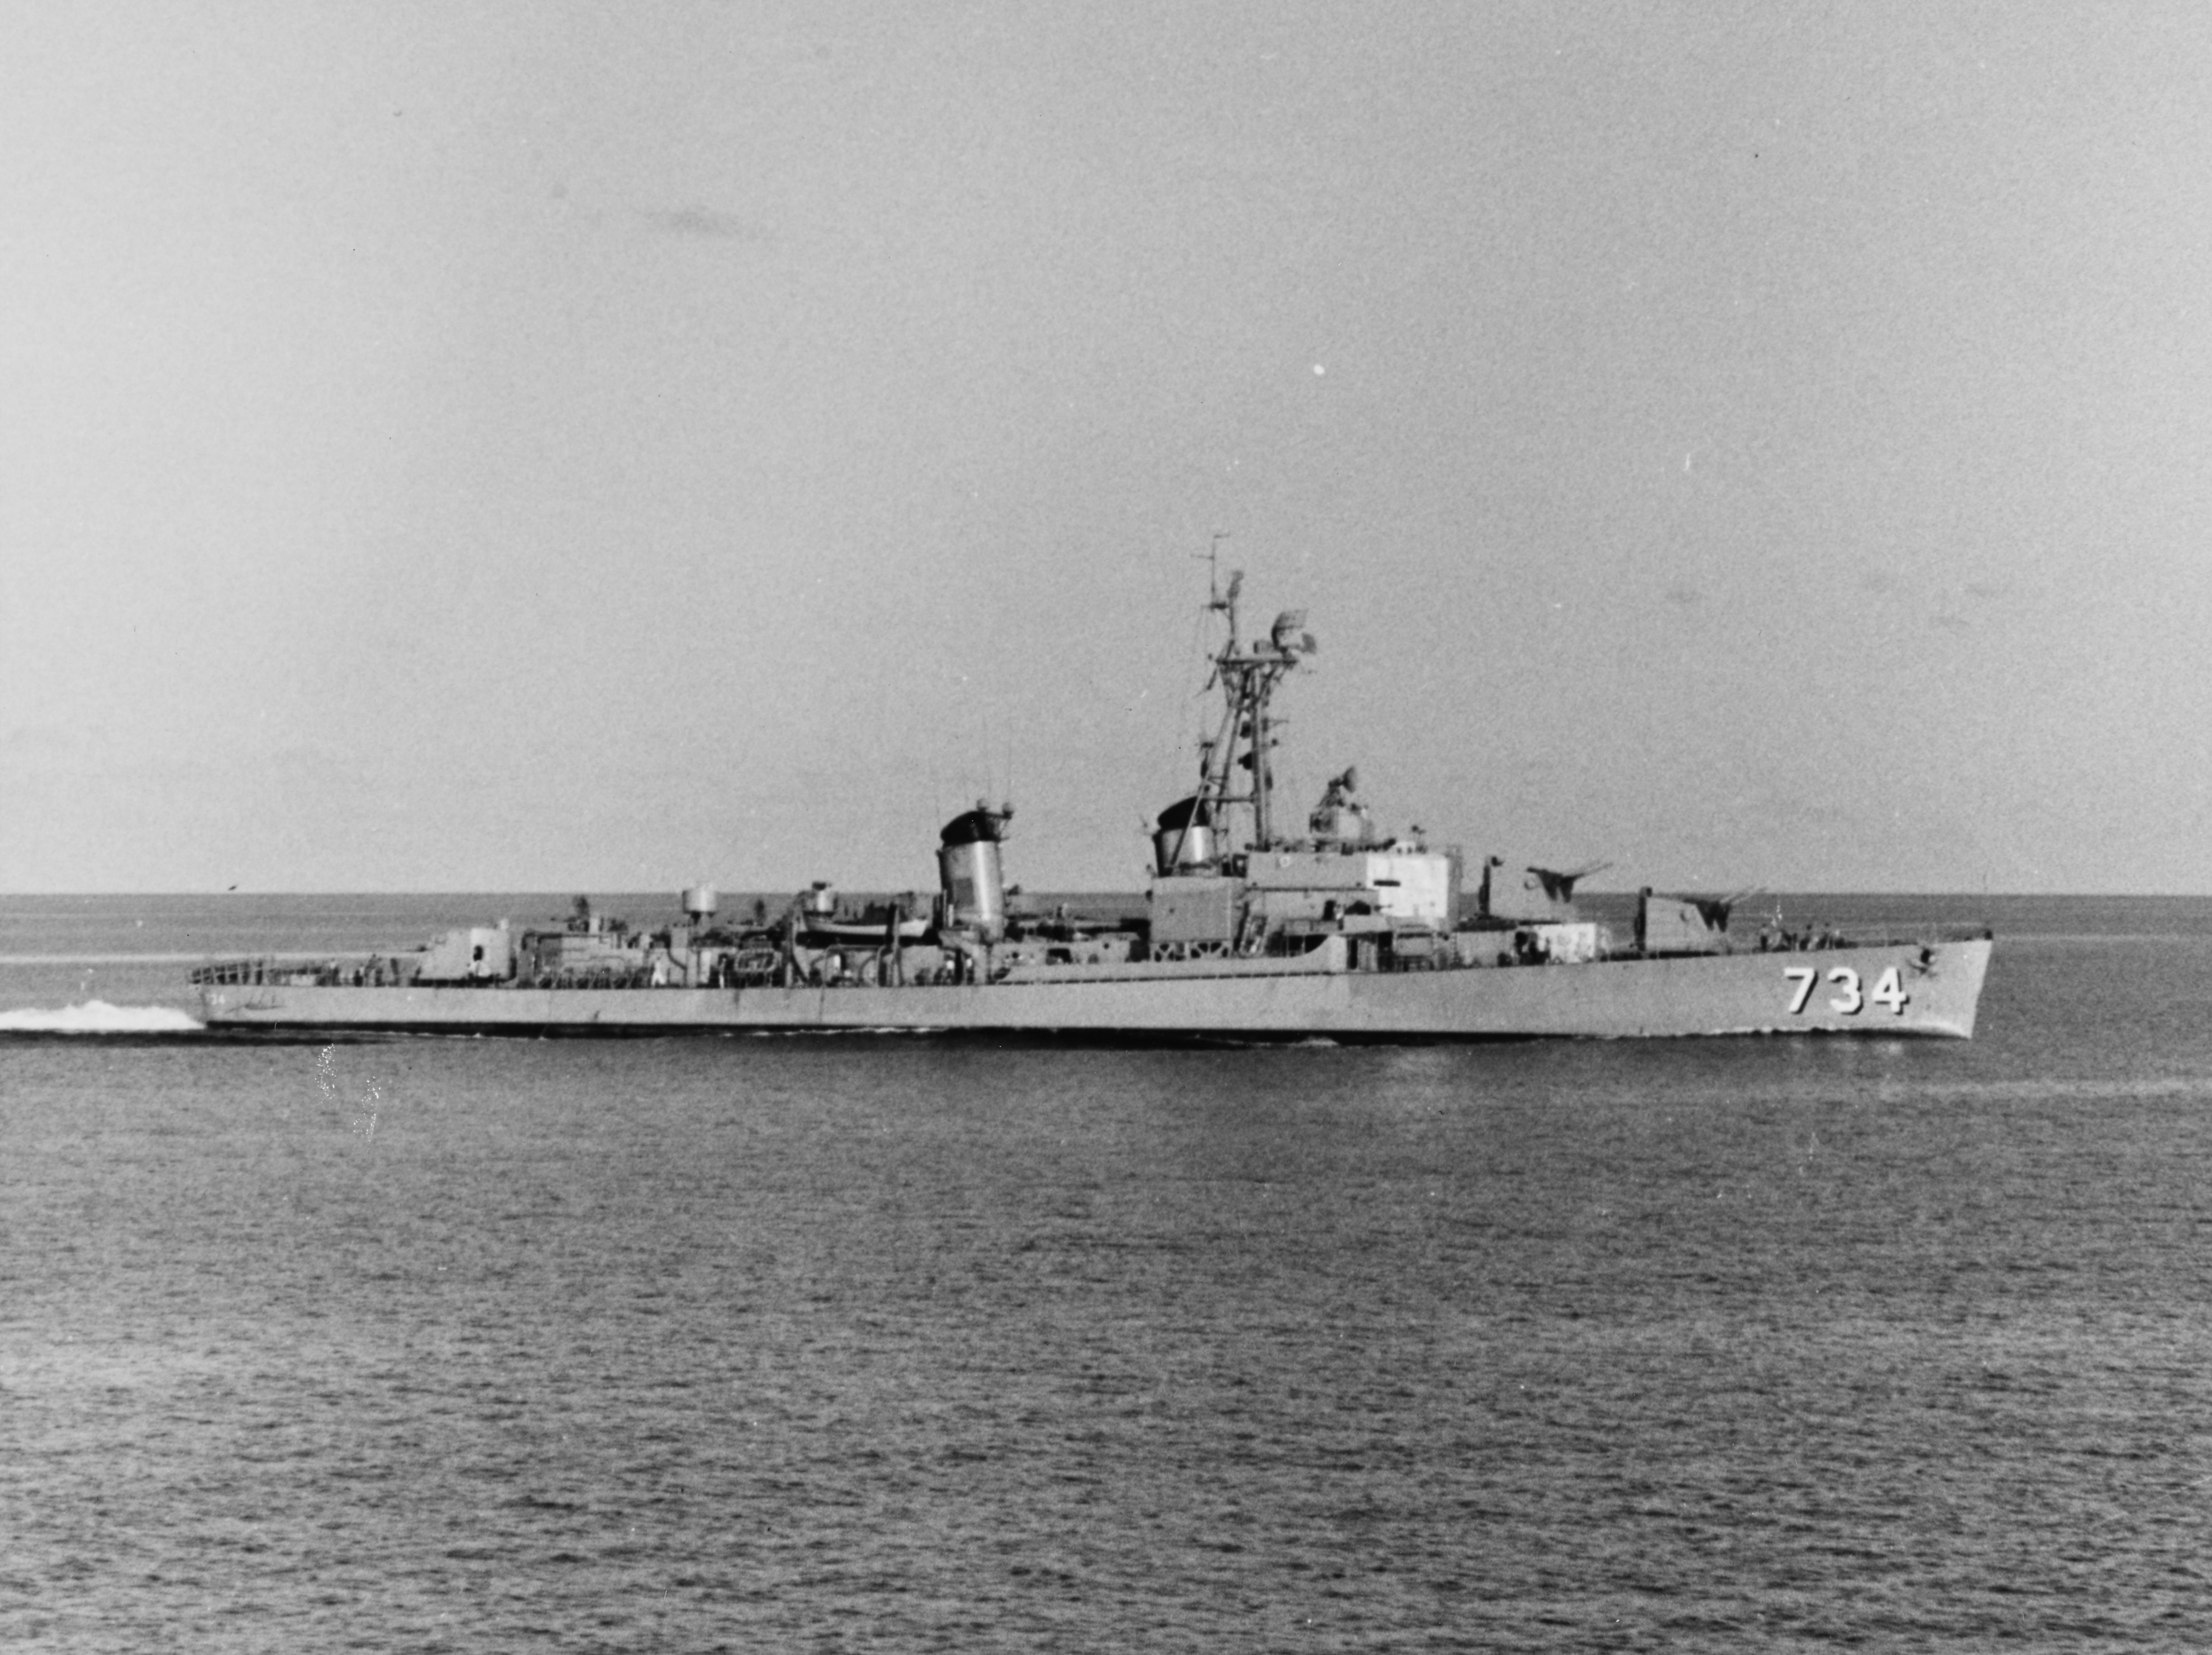 USS Purdy (DD-734)